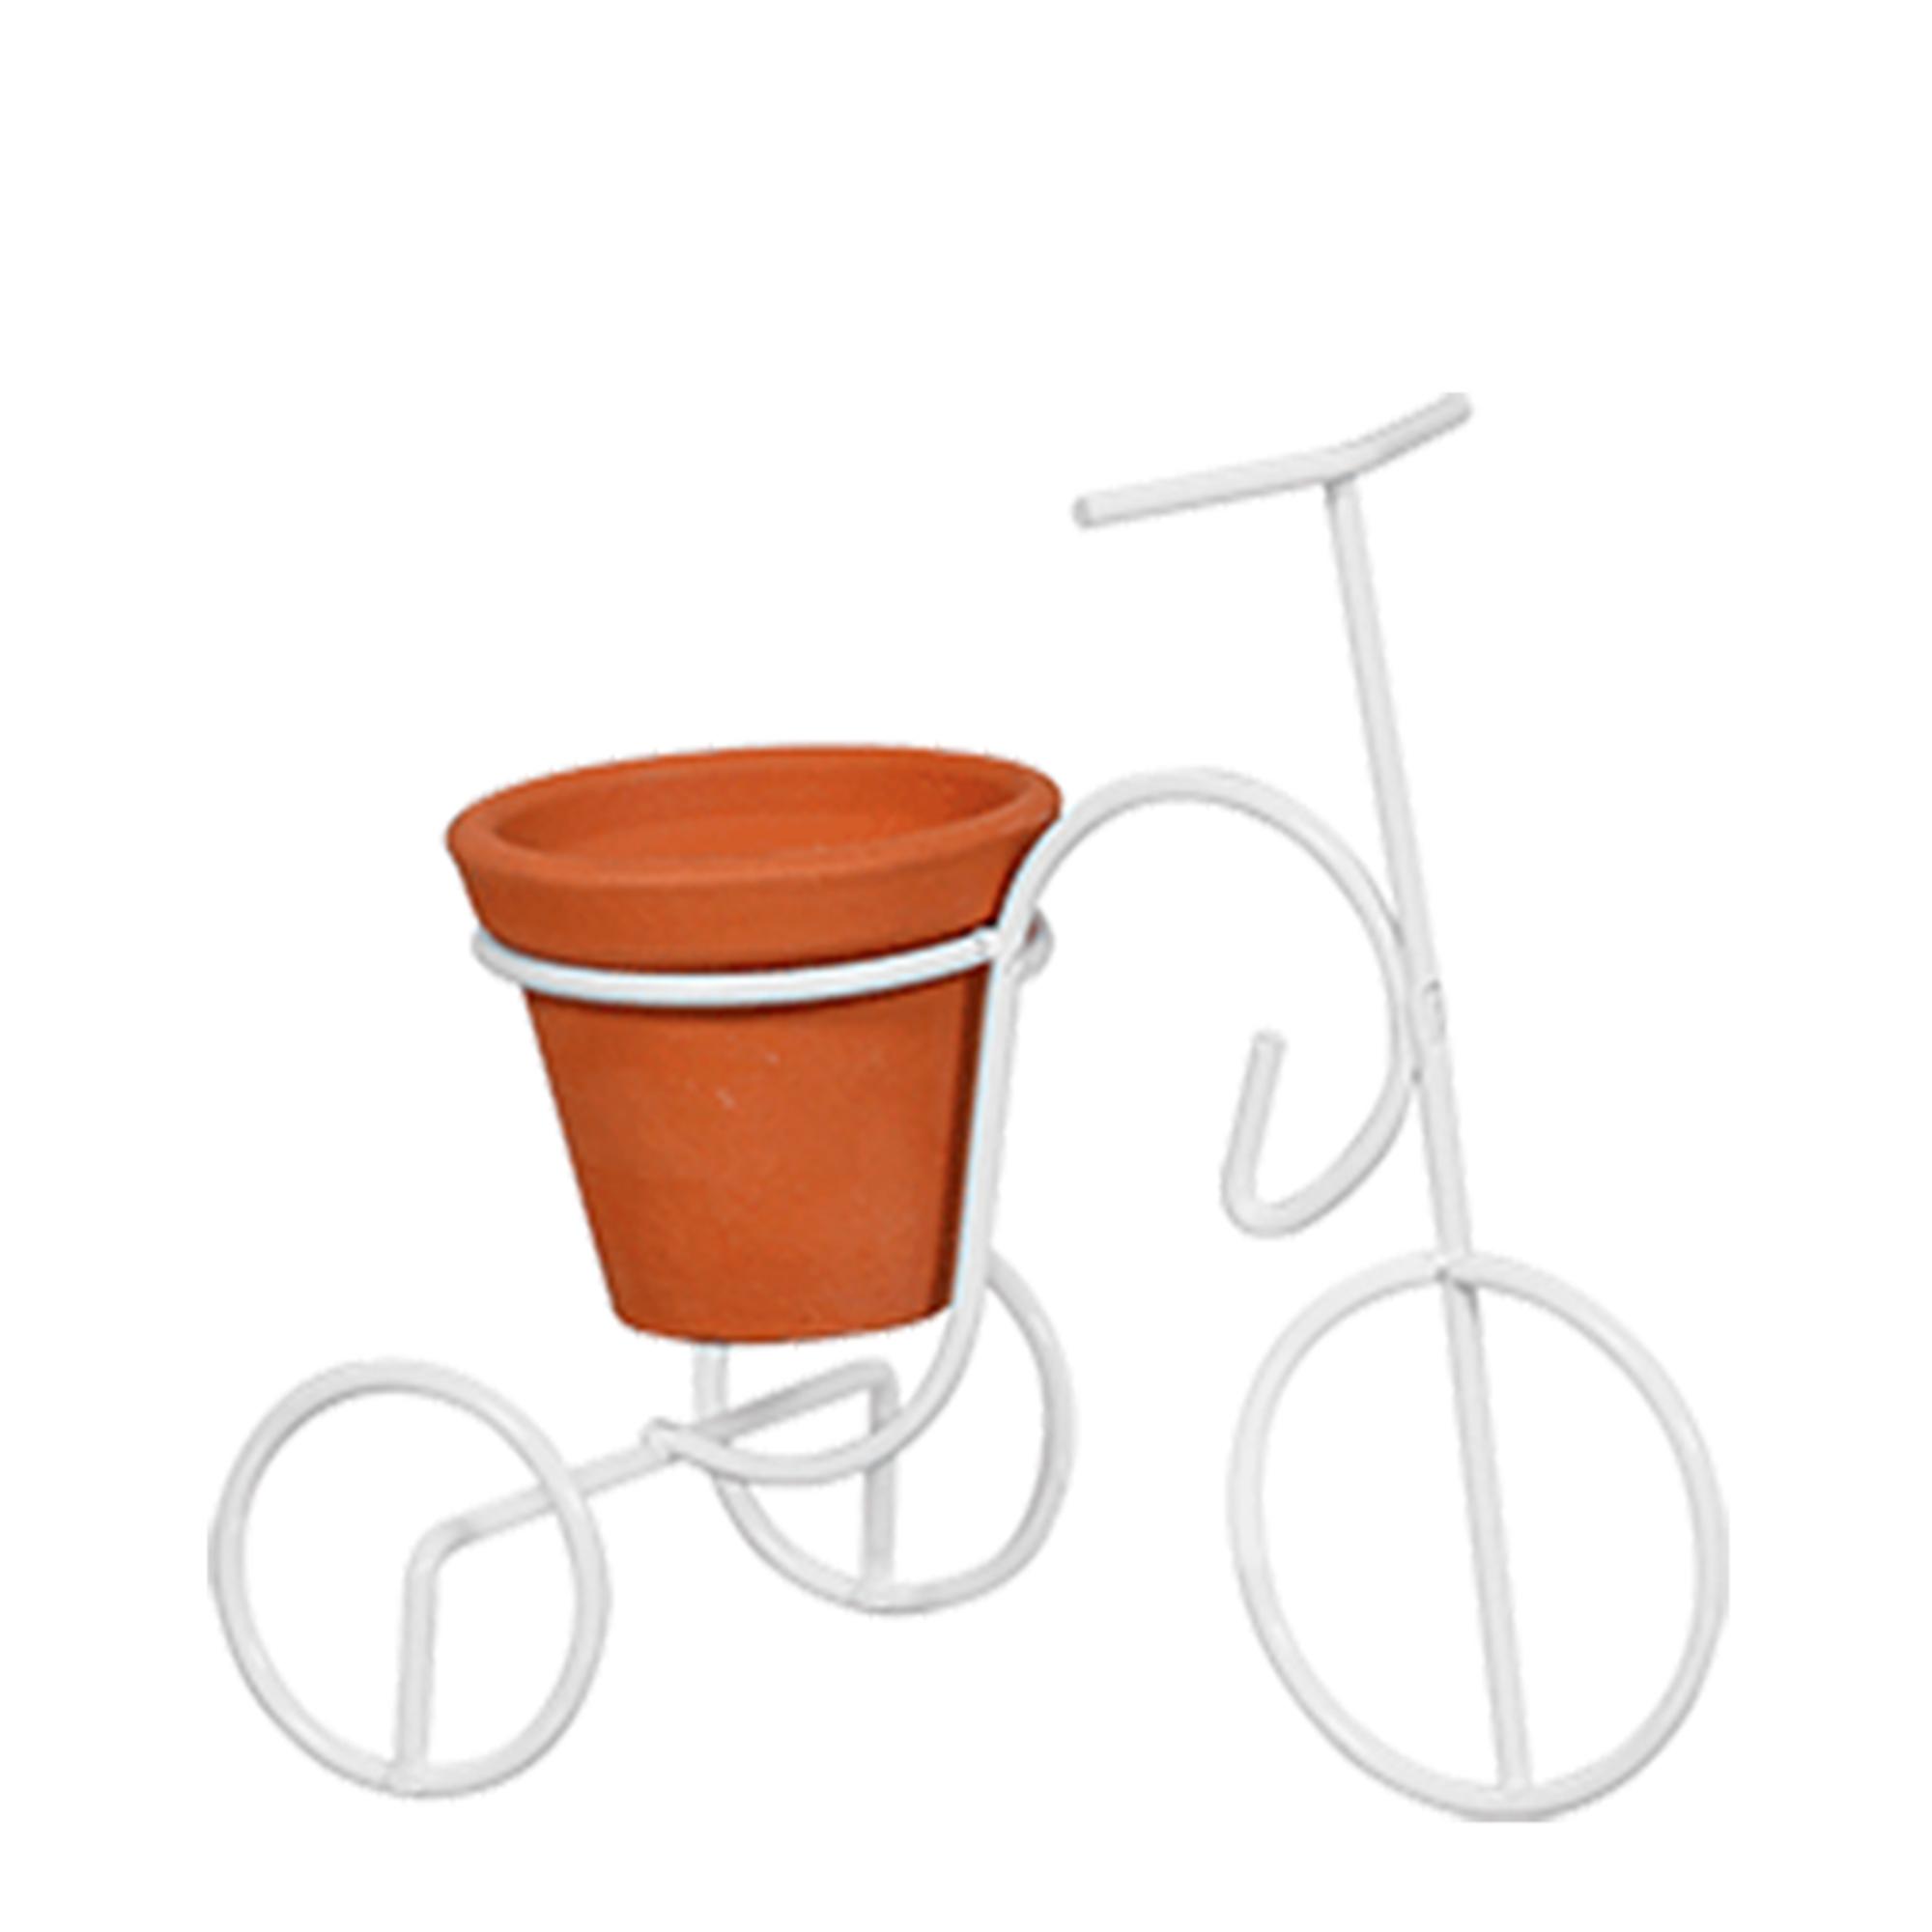 Bicicleta PP Vaso Barro